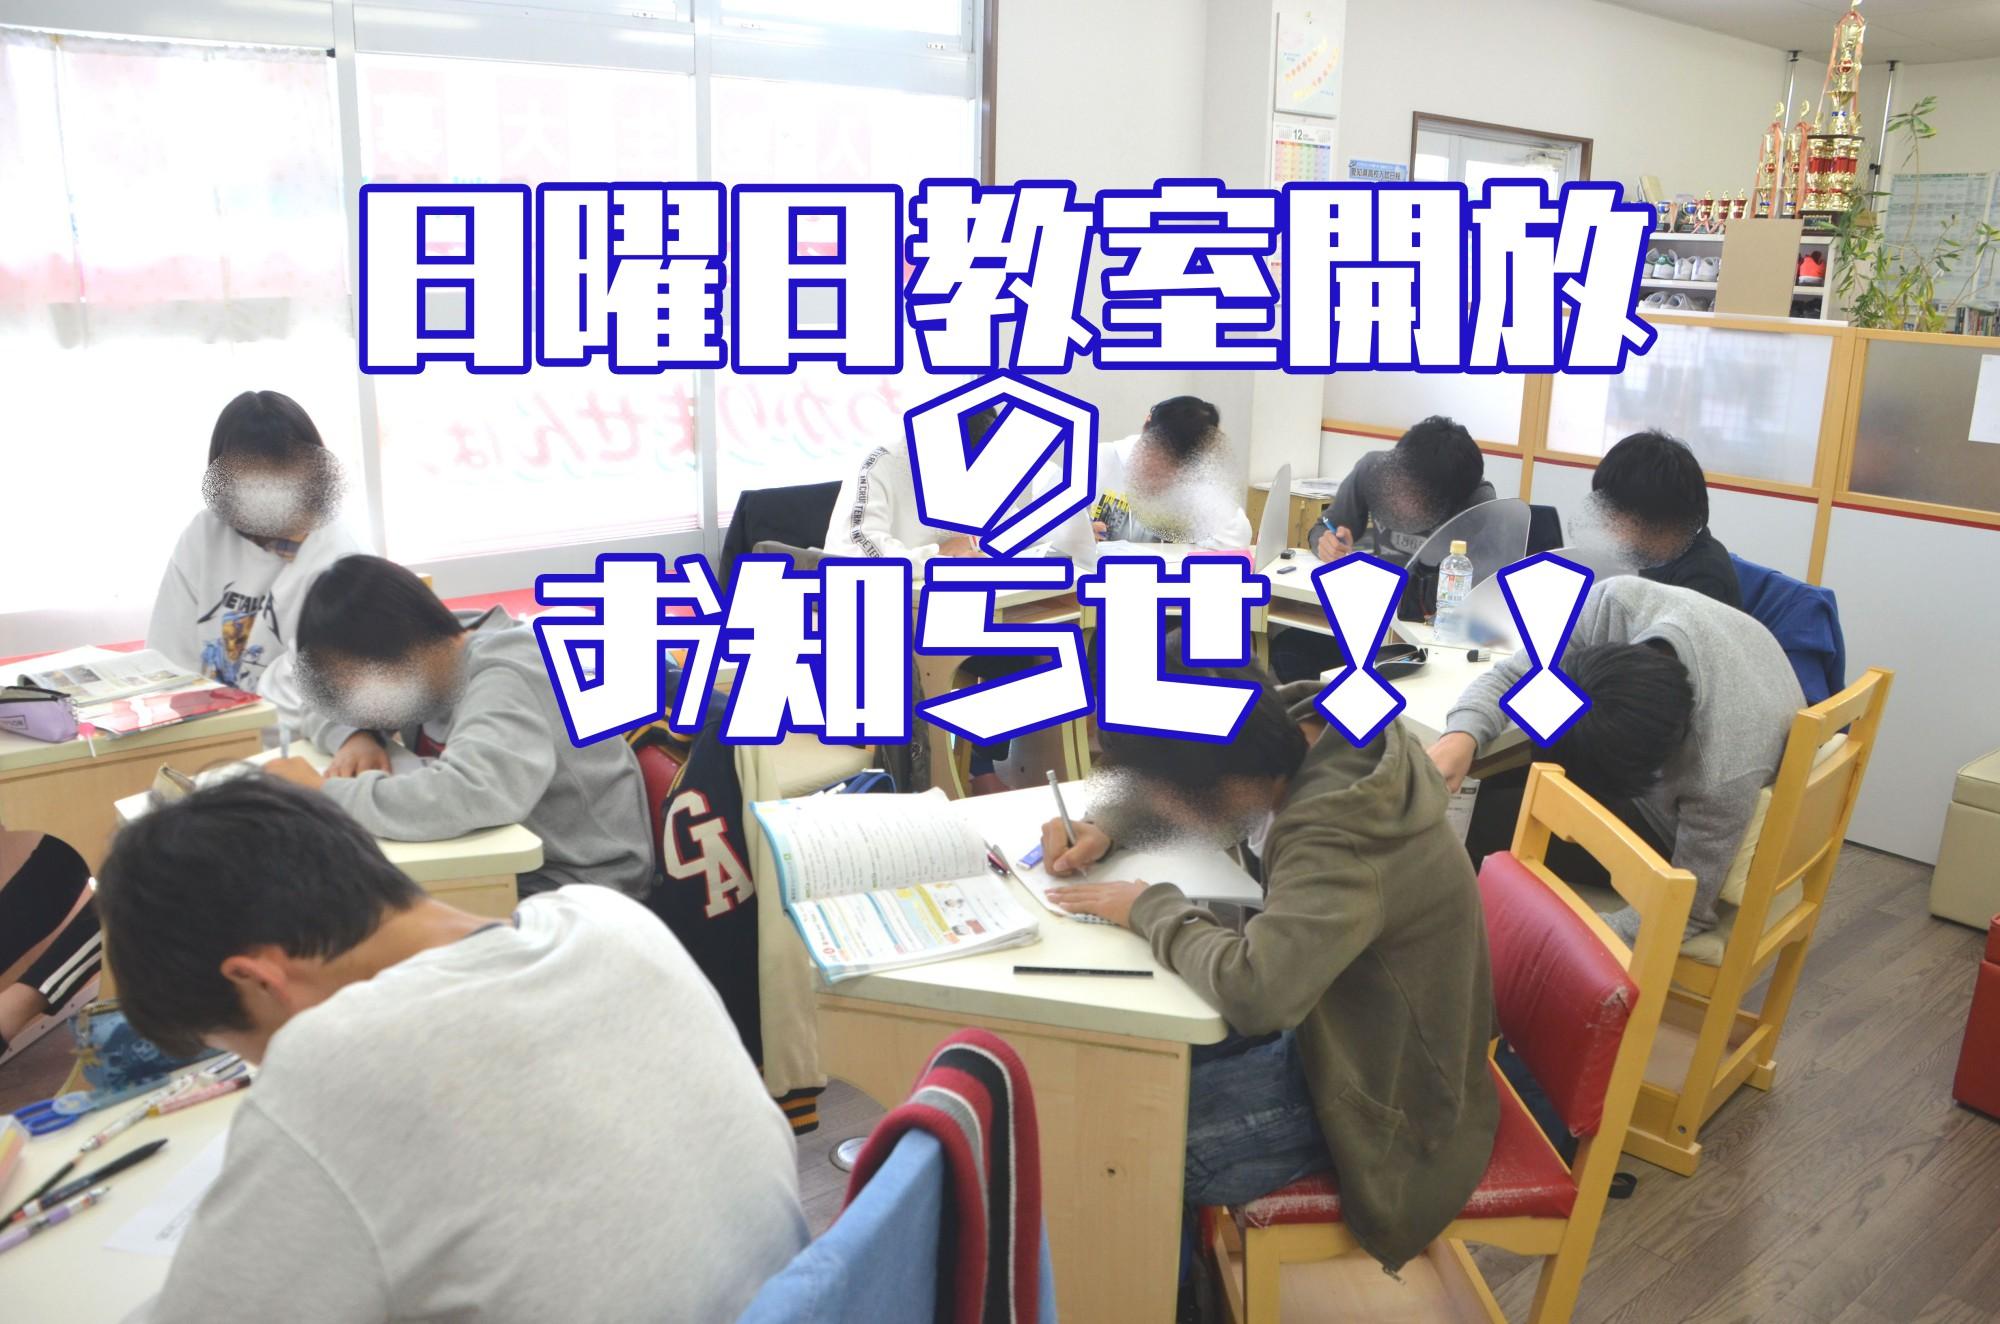 日曜日教室開放のお知らせ